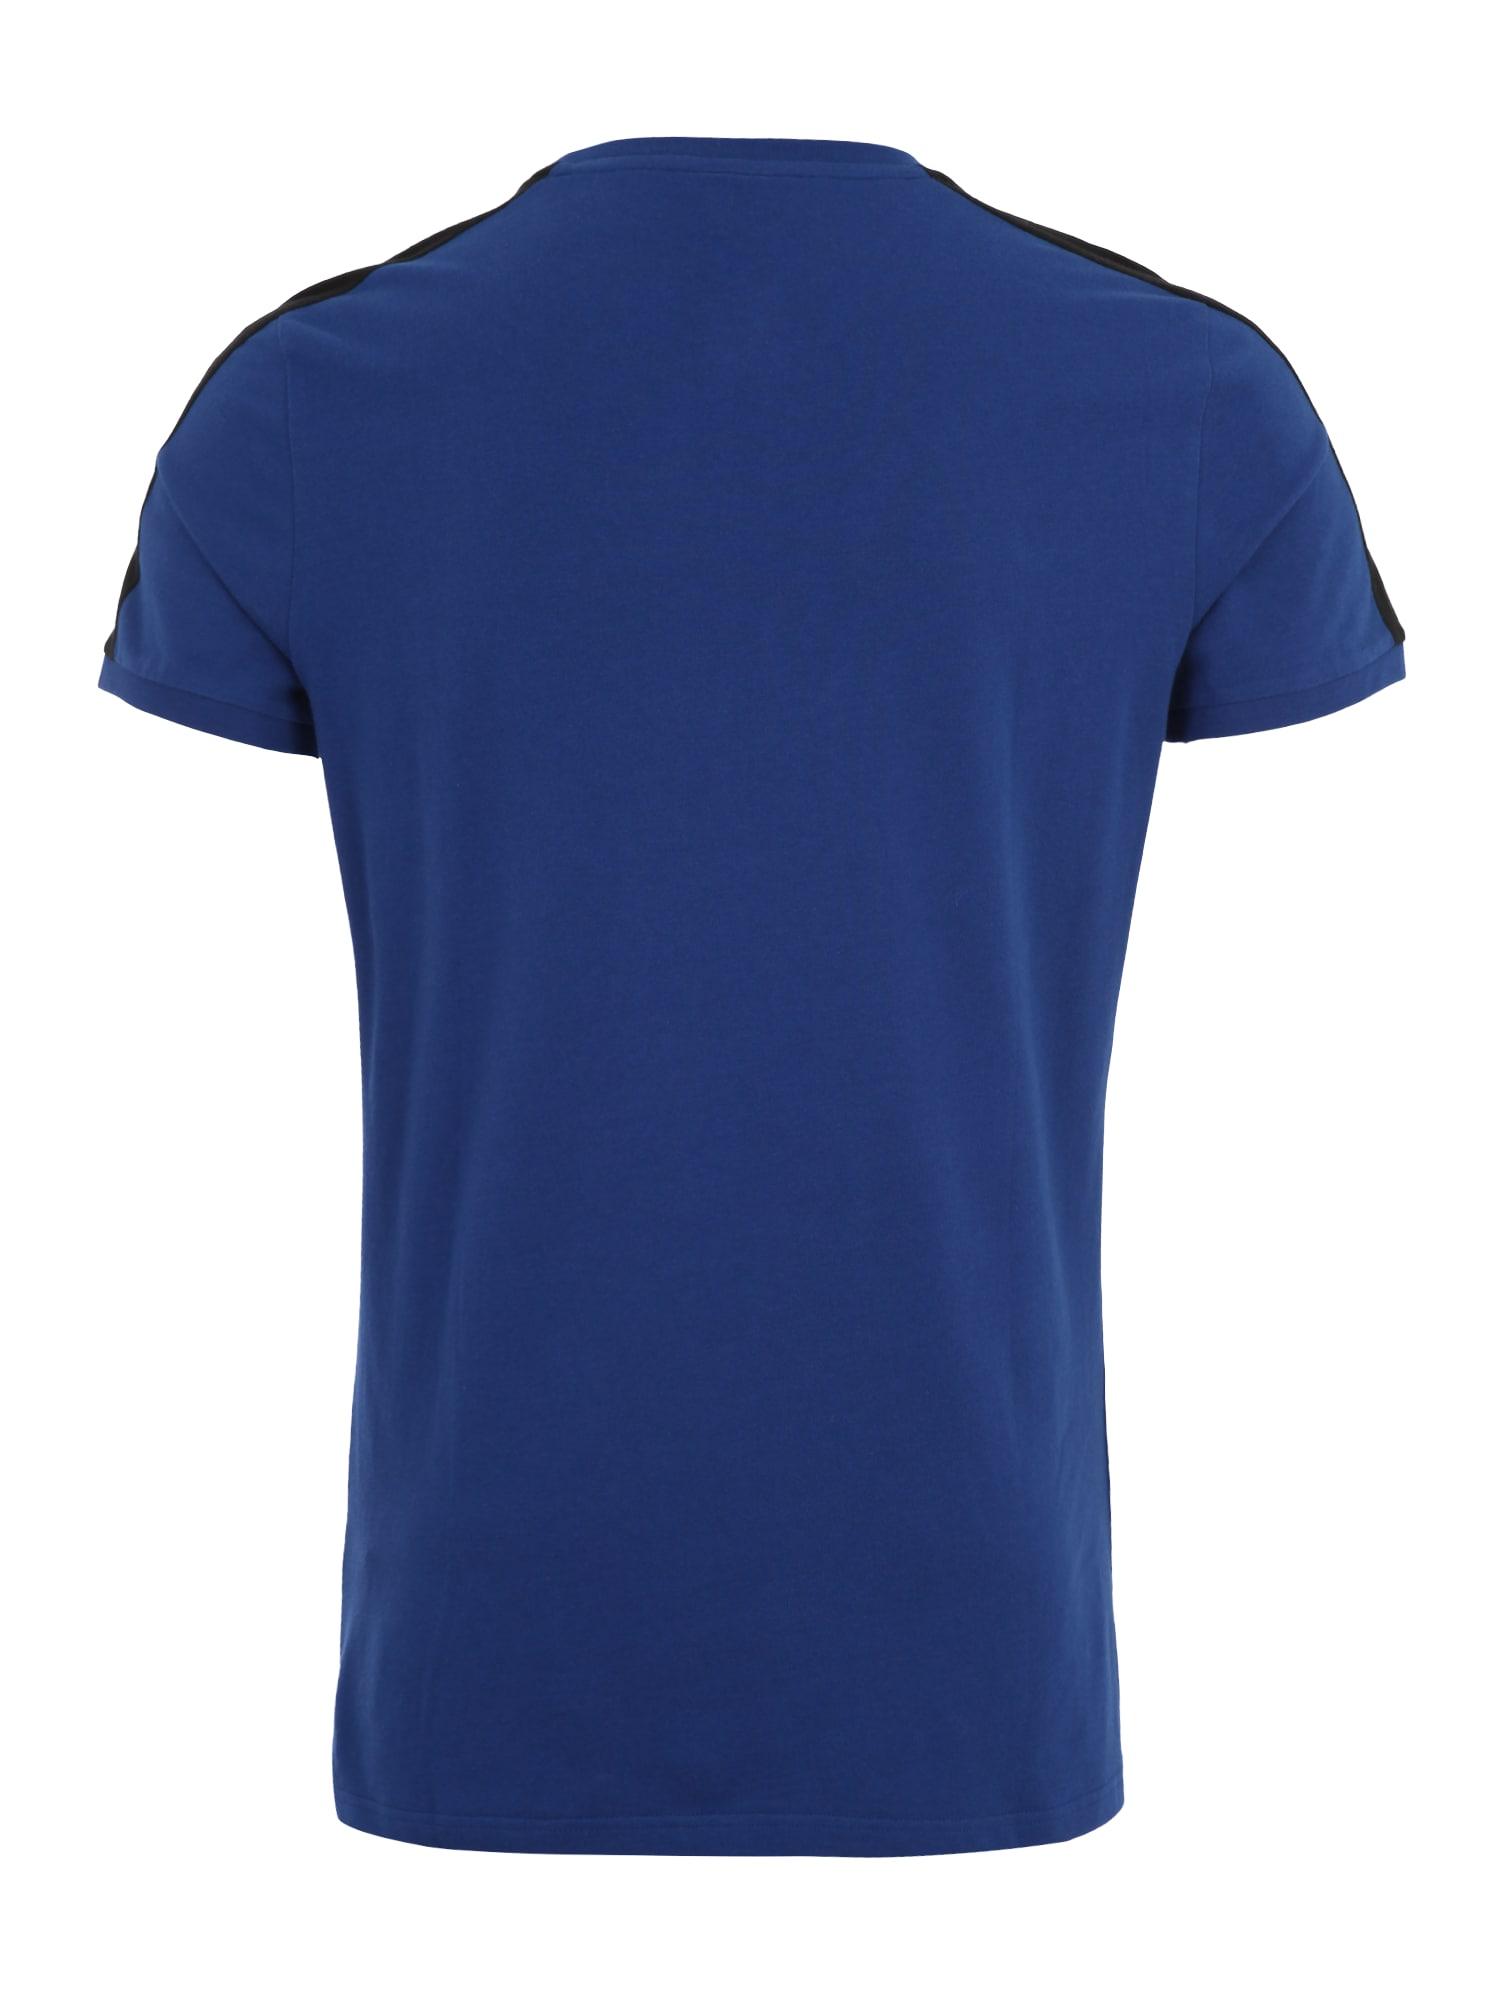 Functioneel shirt 'T7'